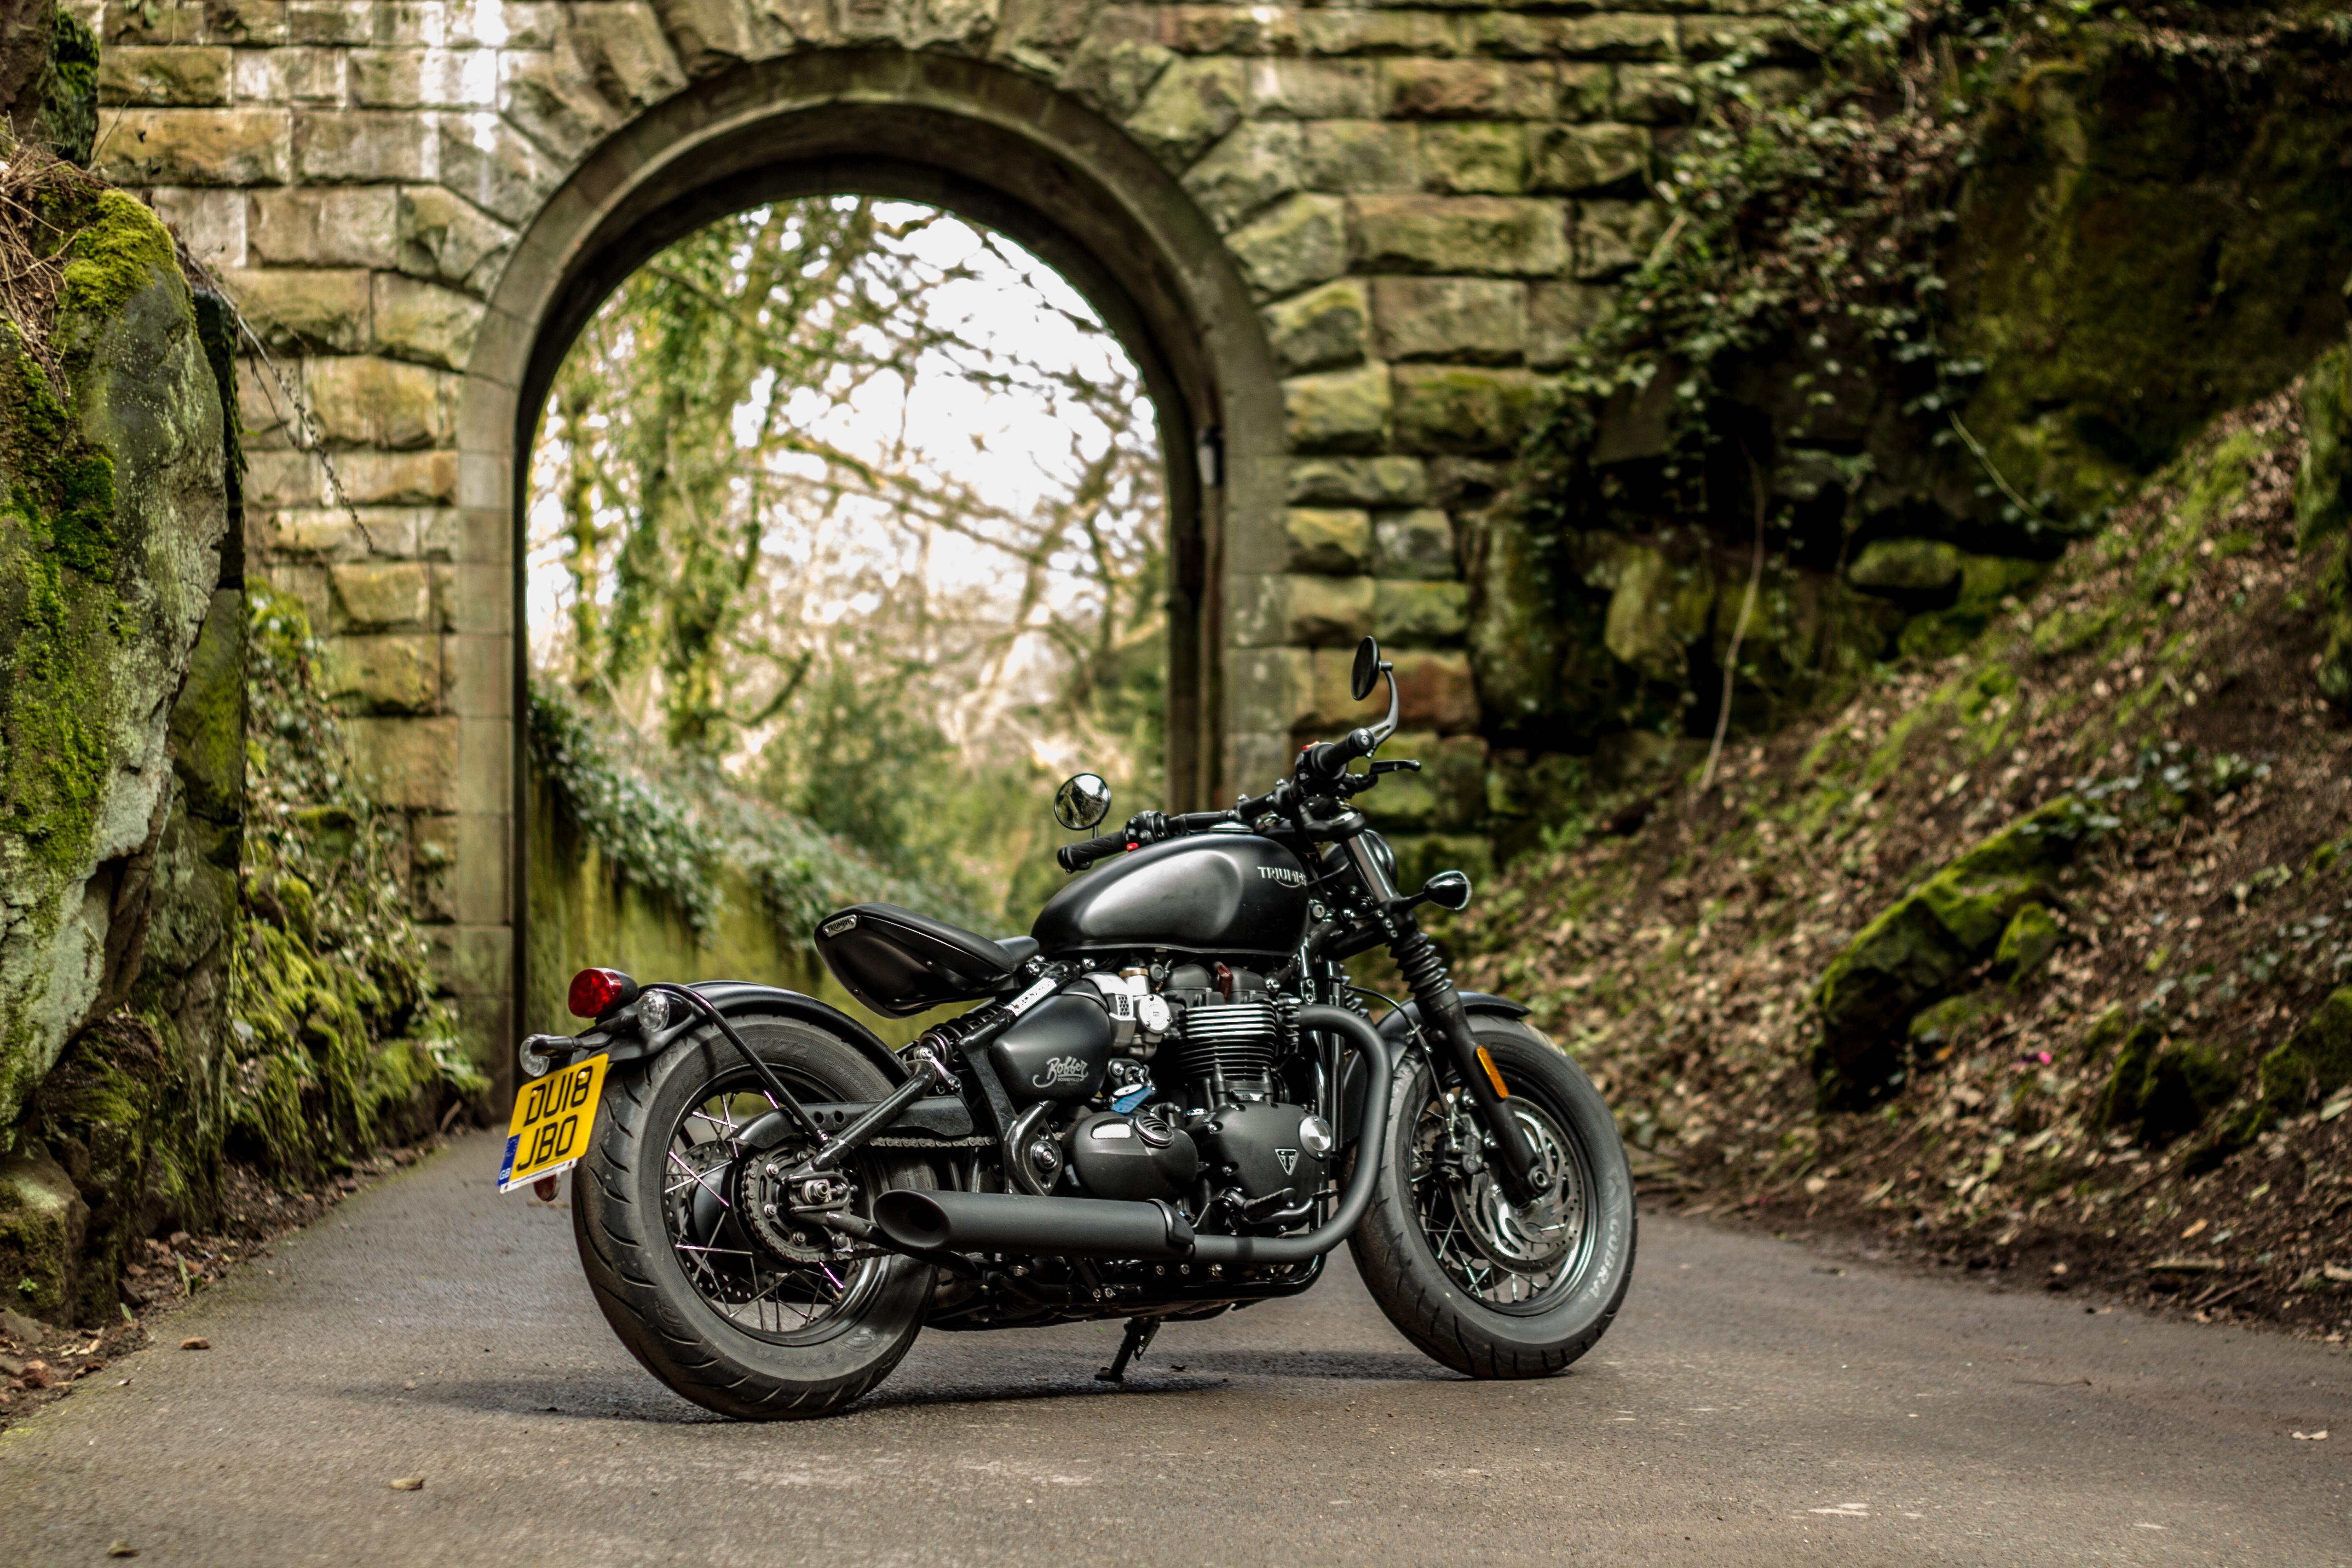 Triumph bobber black edition